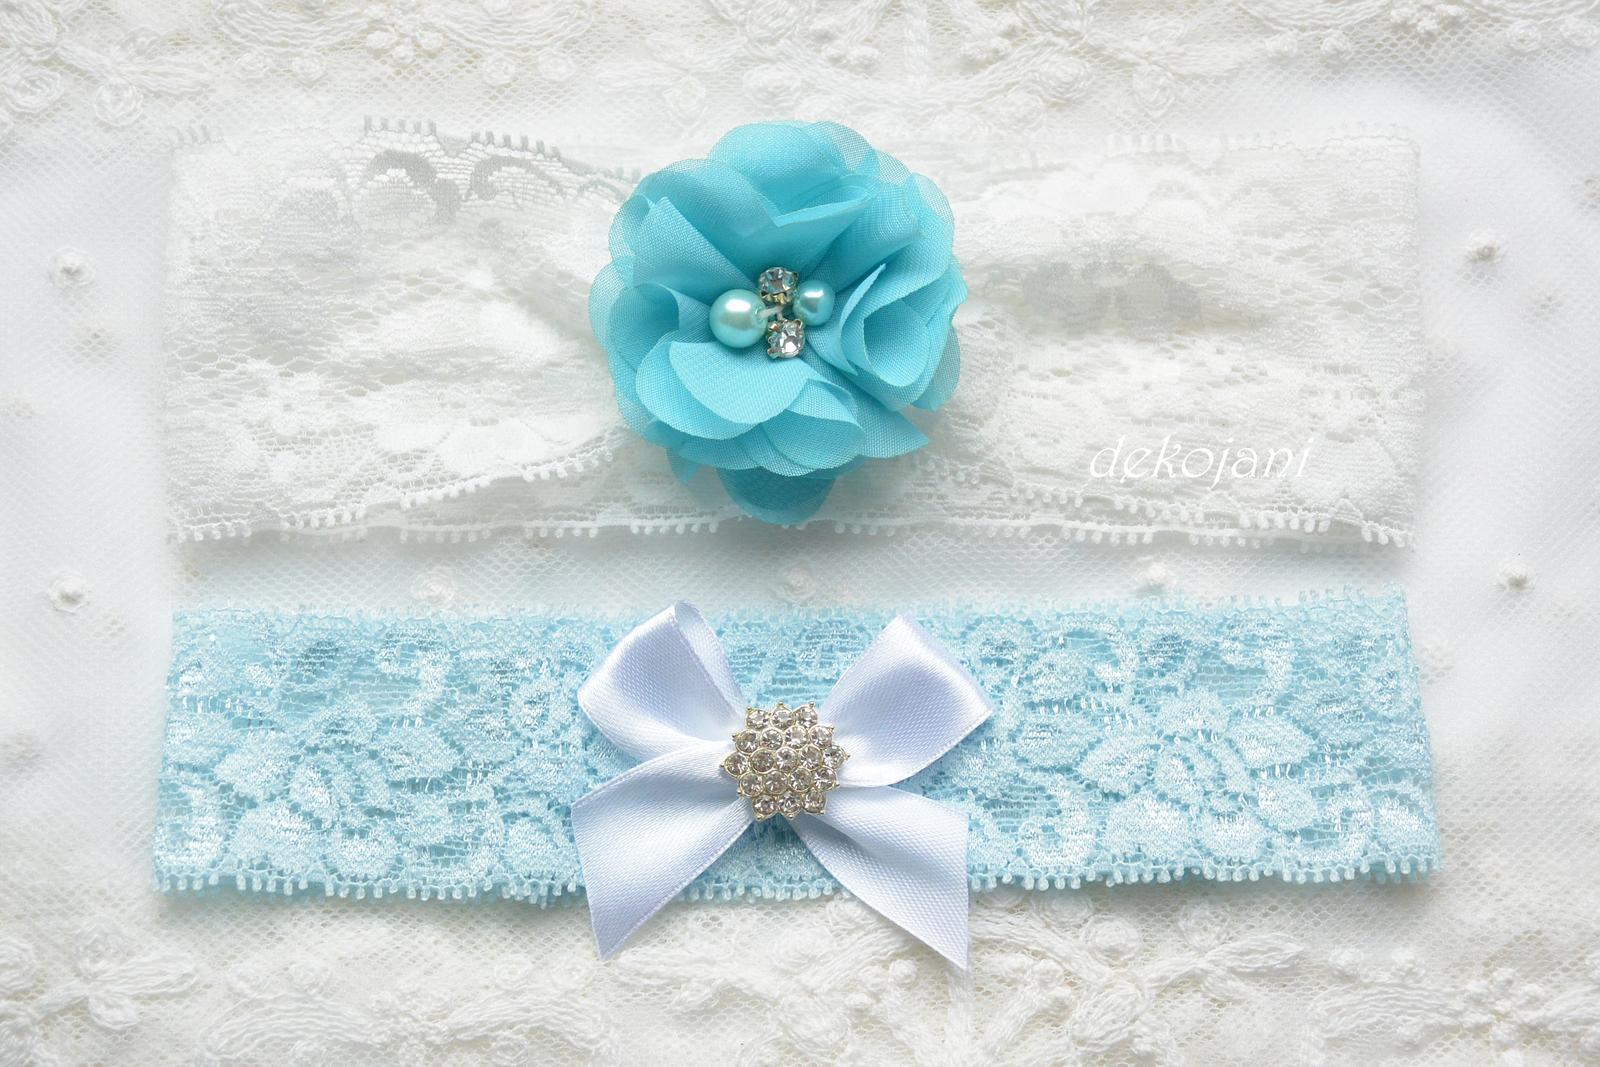 Luxusní svatební doplňky a dekorace. - Obrázek č. 26